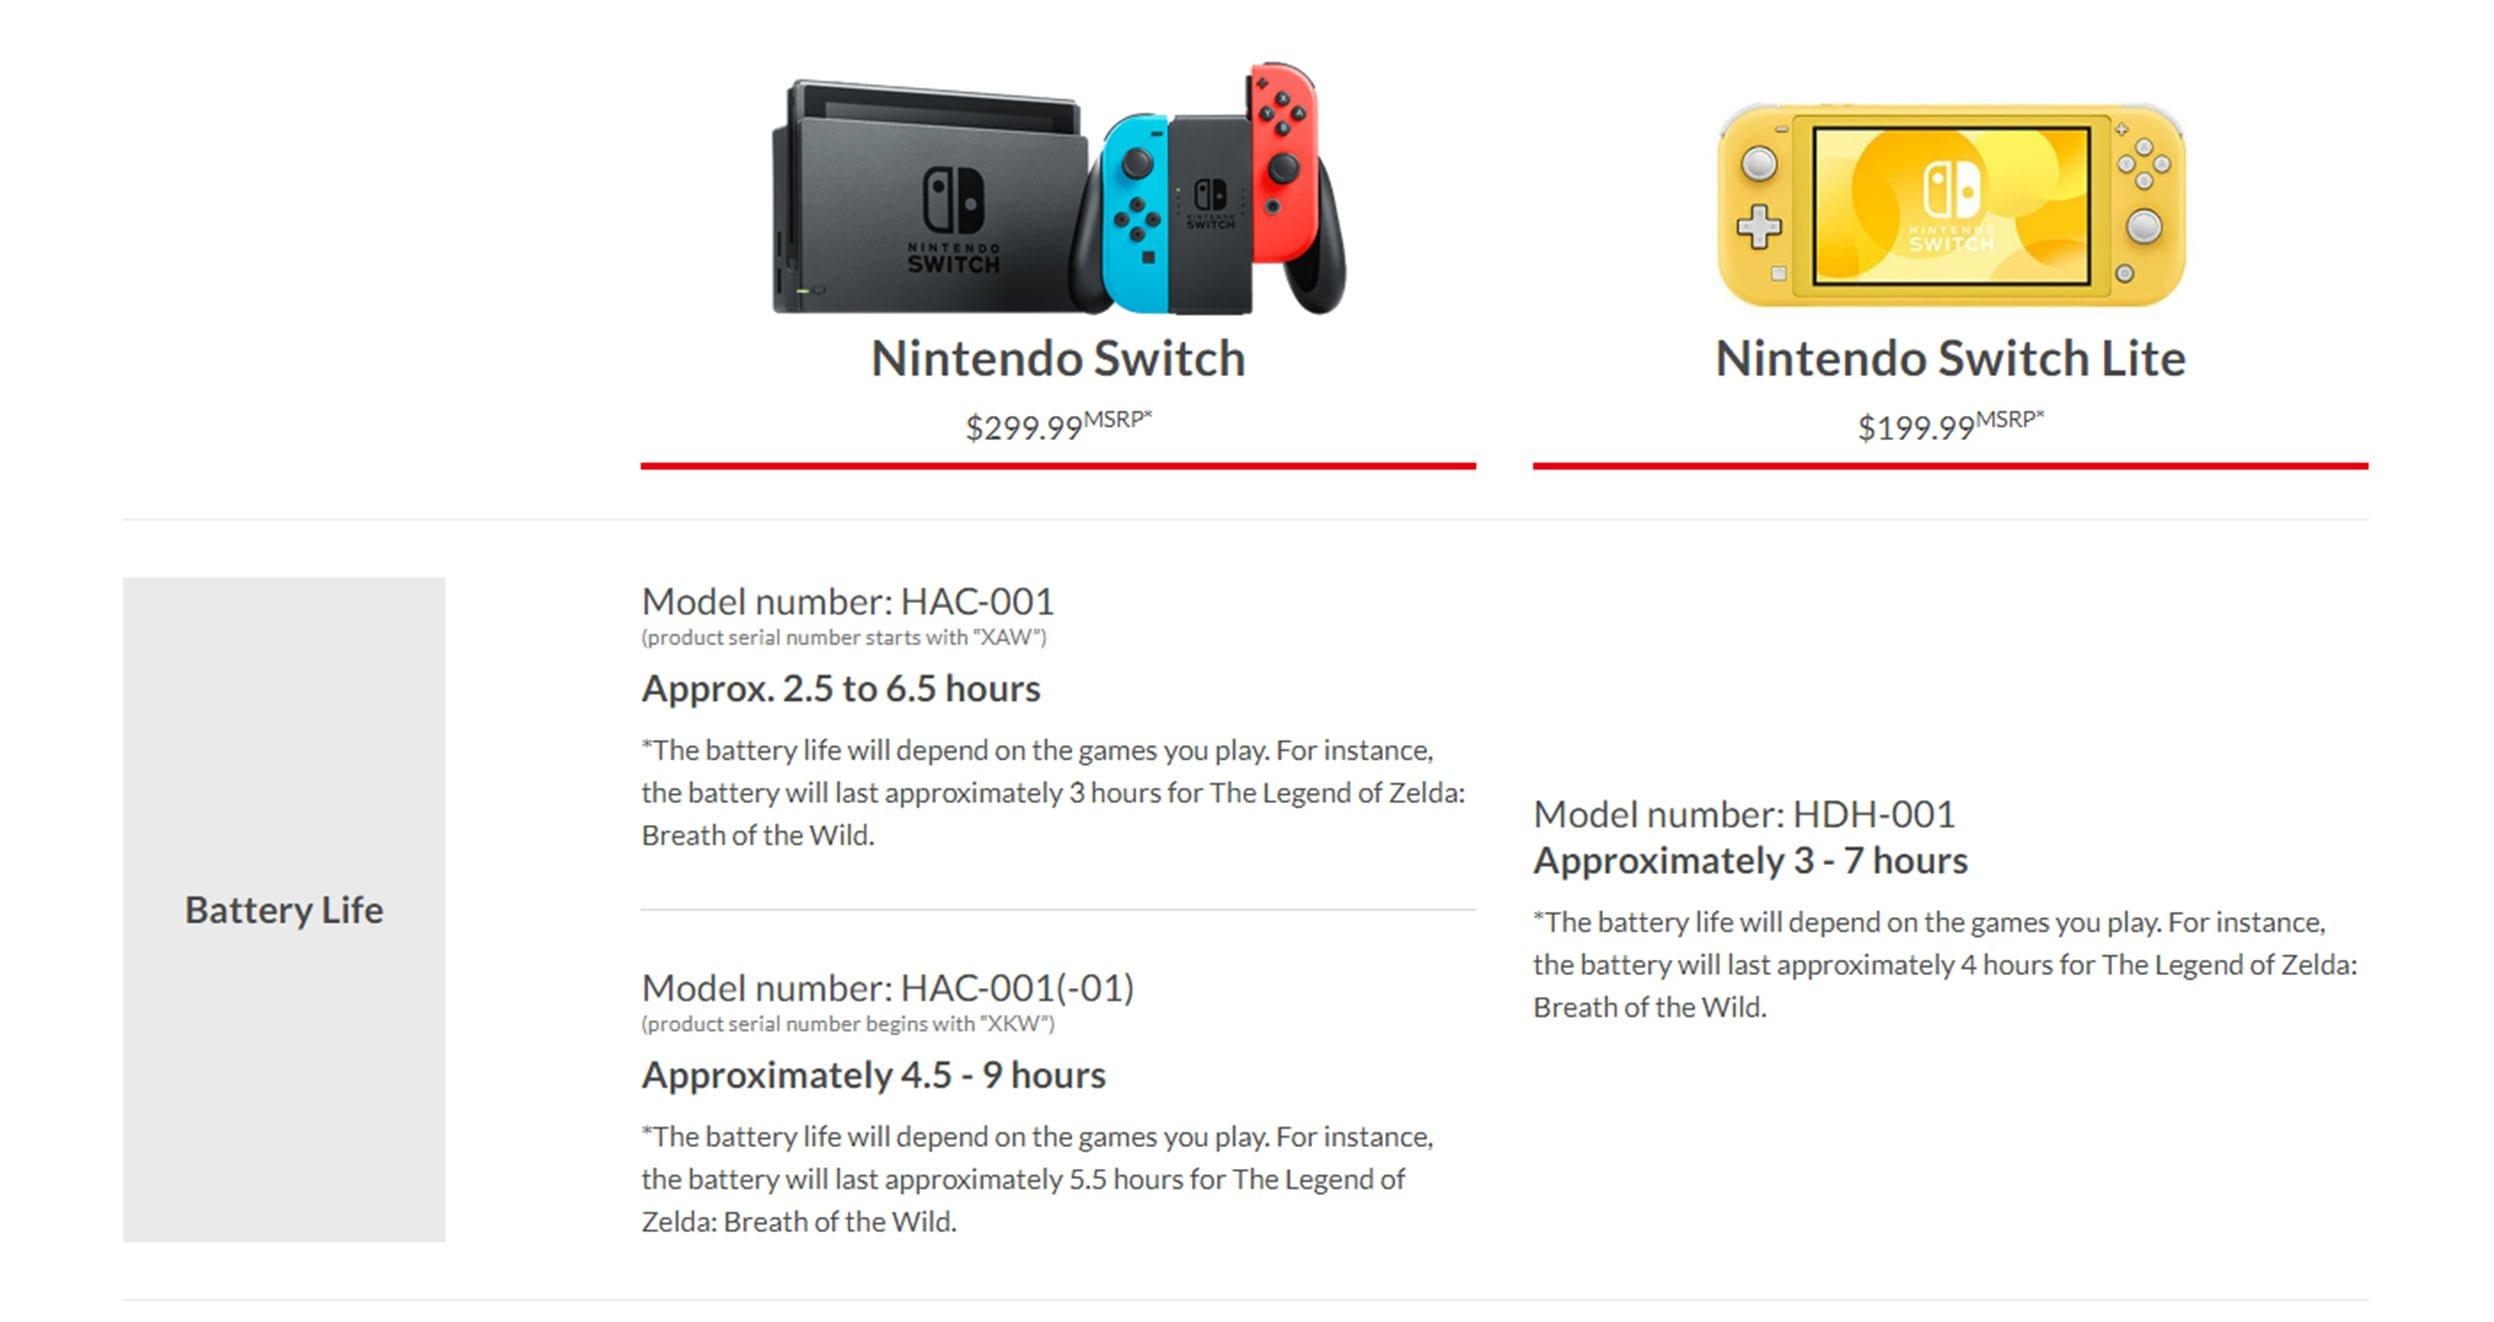 Podstawowy model Nintendo Switch zostanie odświeżony! Znacznie dłużej pogramy w trybie przenośnym